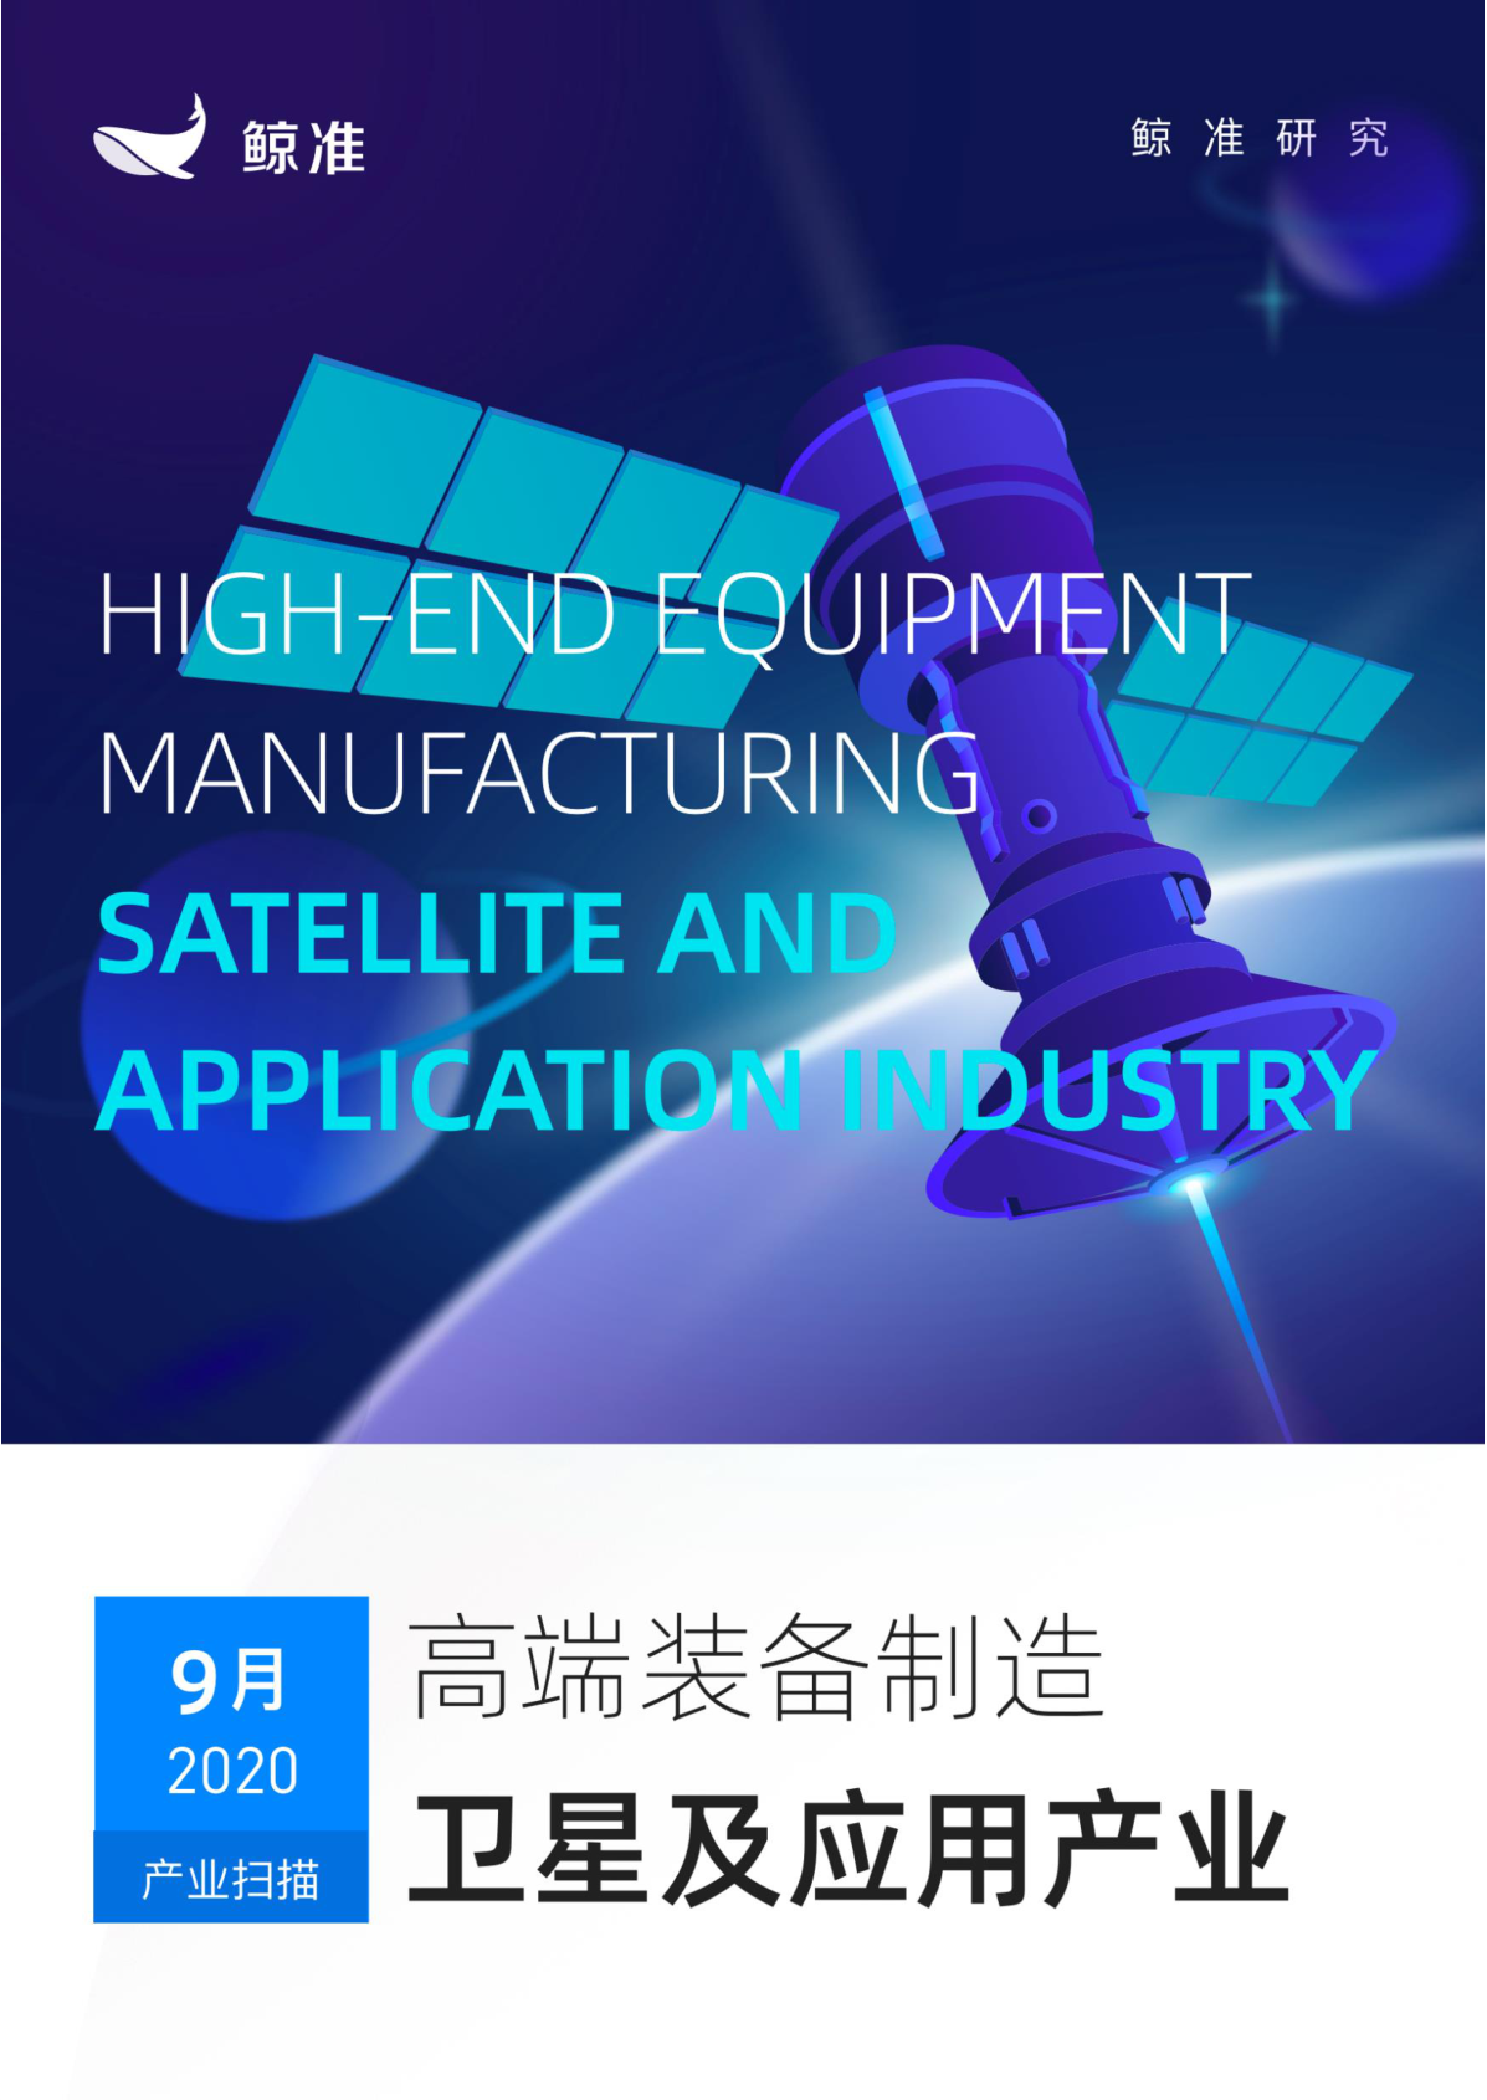 产业月度报告:卫星及应用产业